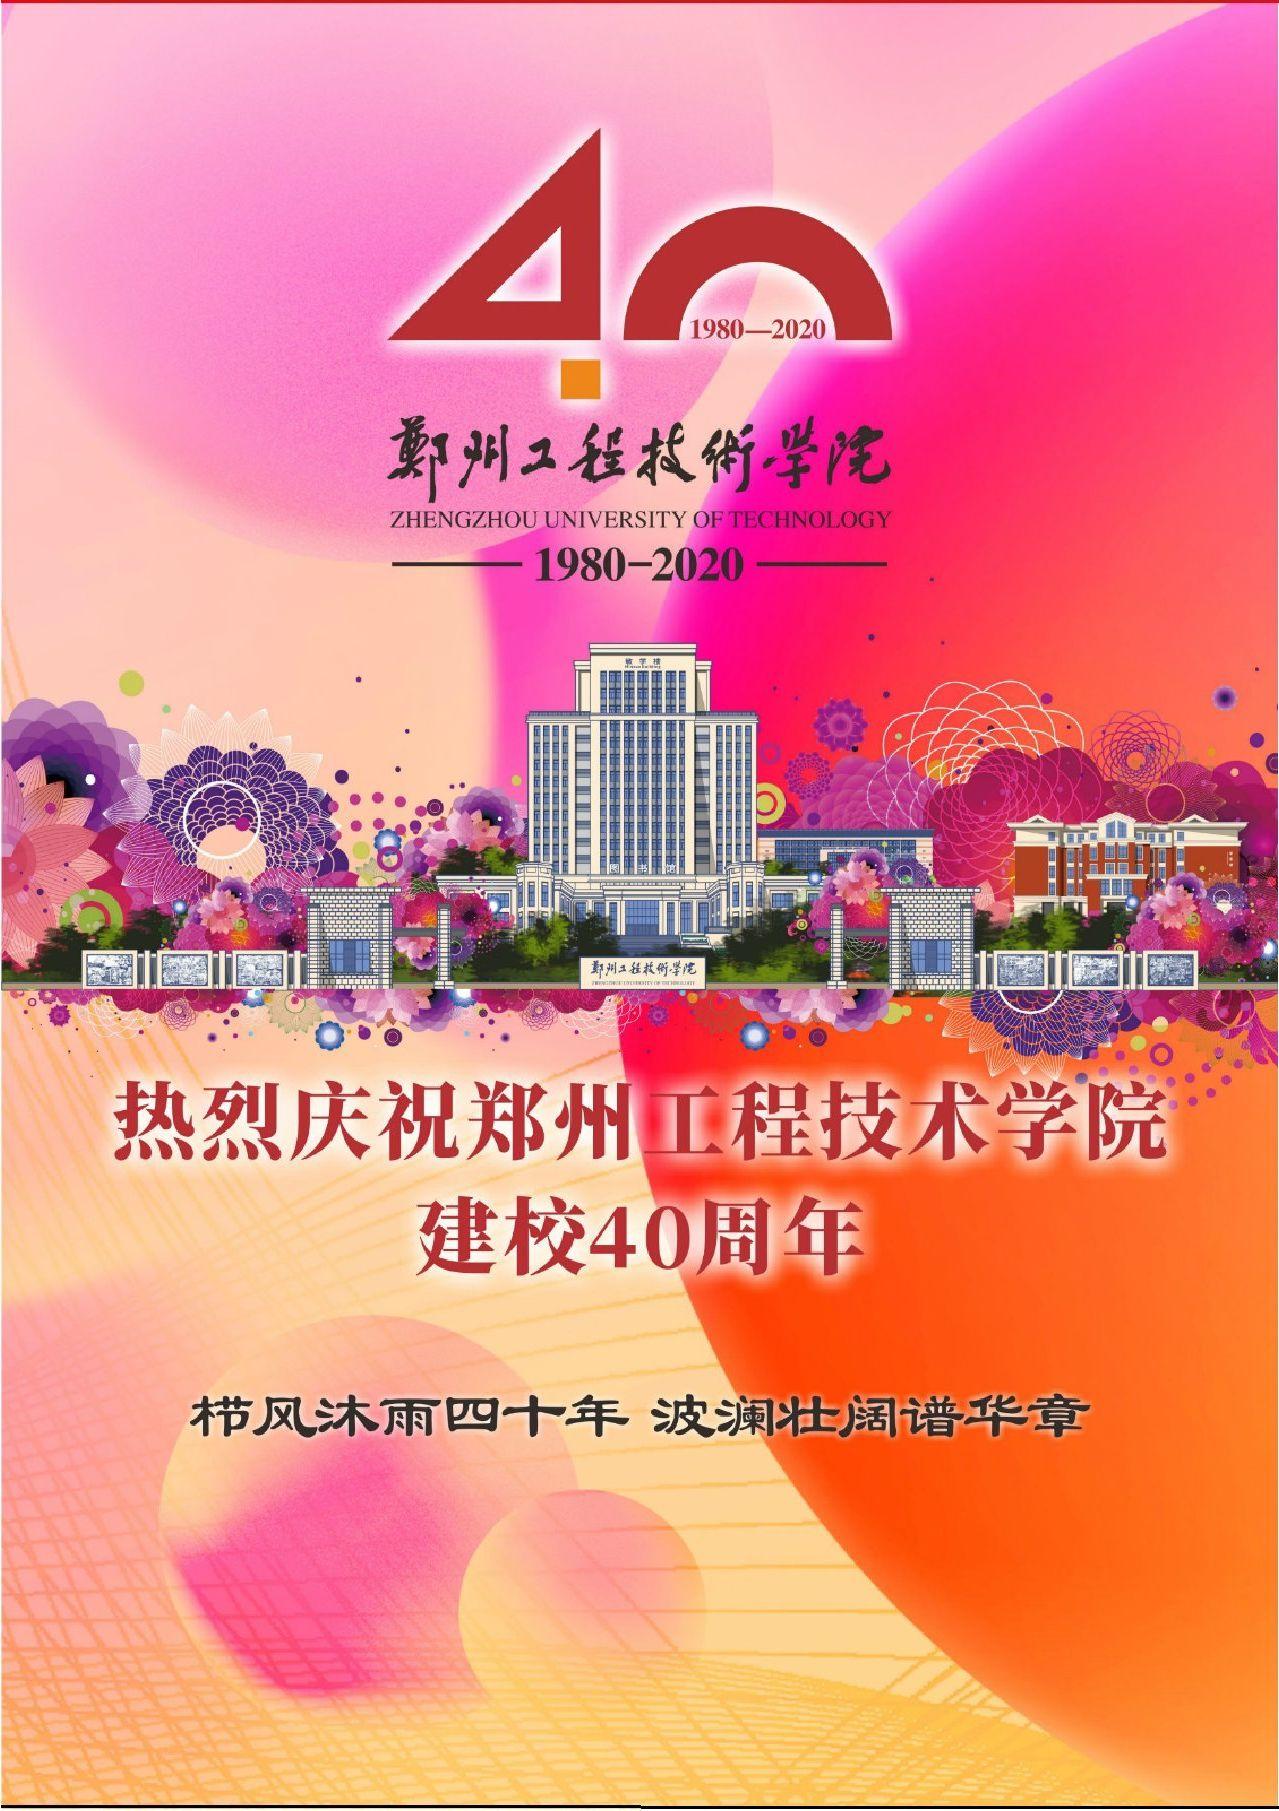 热烈庆祝郑州工程技术学院建校40周年-郑州工程技术学院校报电子版